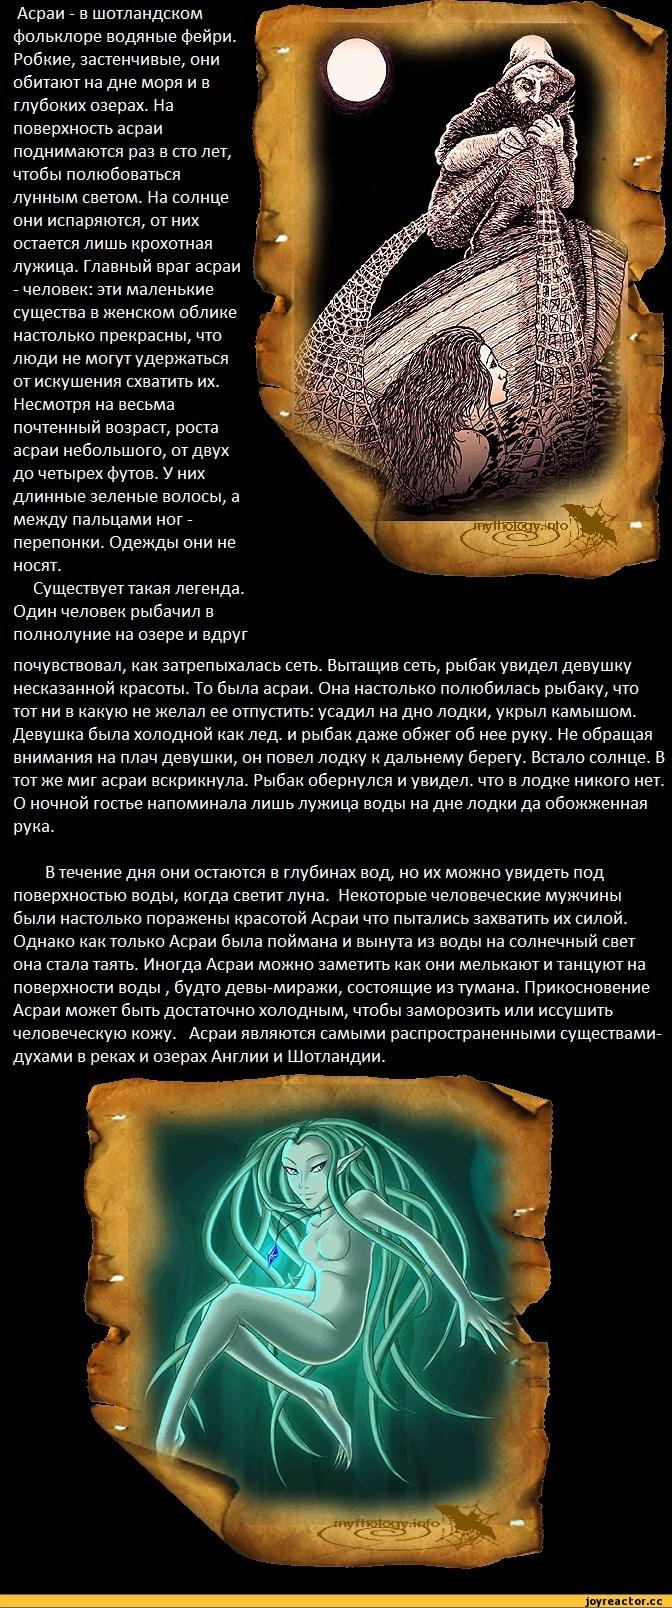 Фейри | bestiary.us